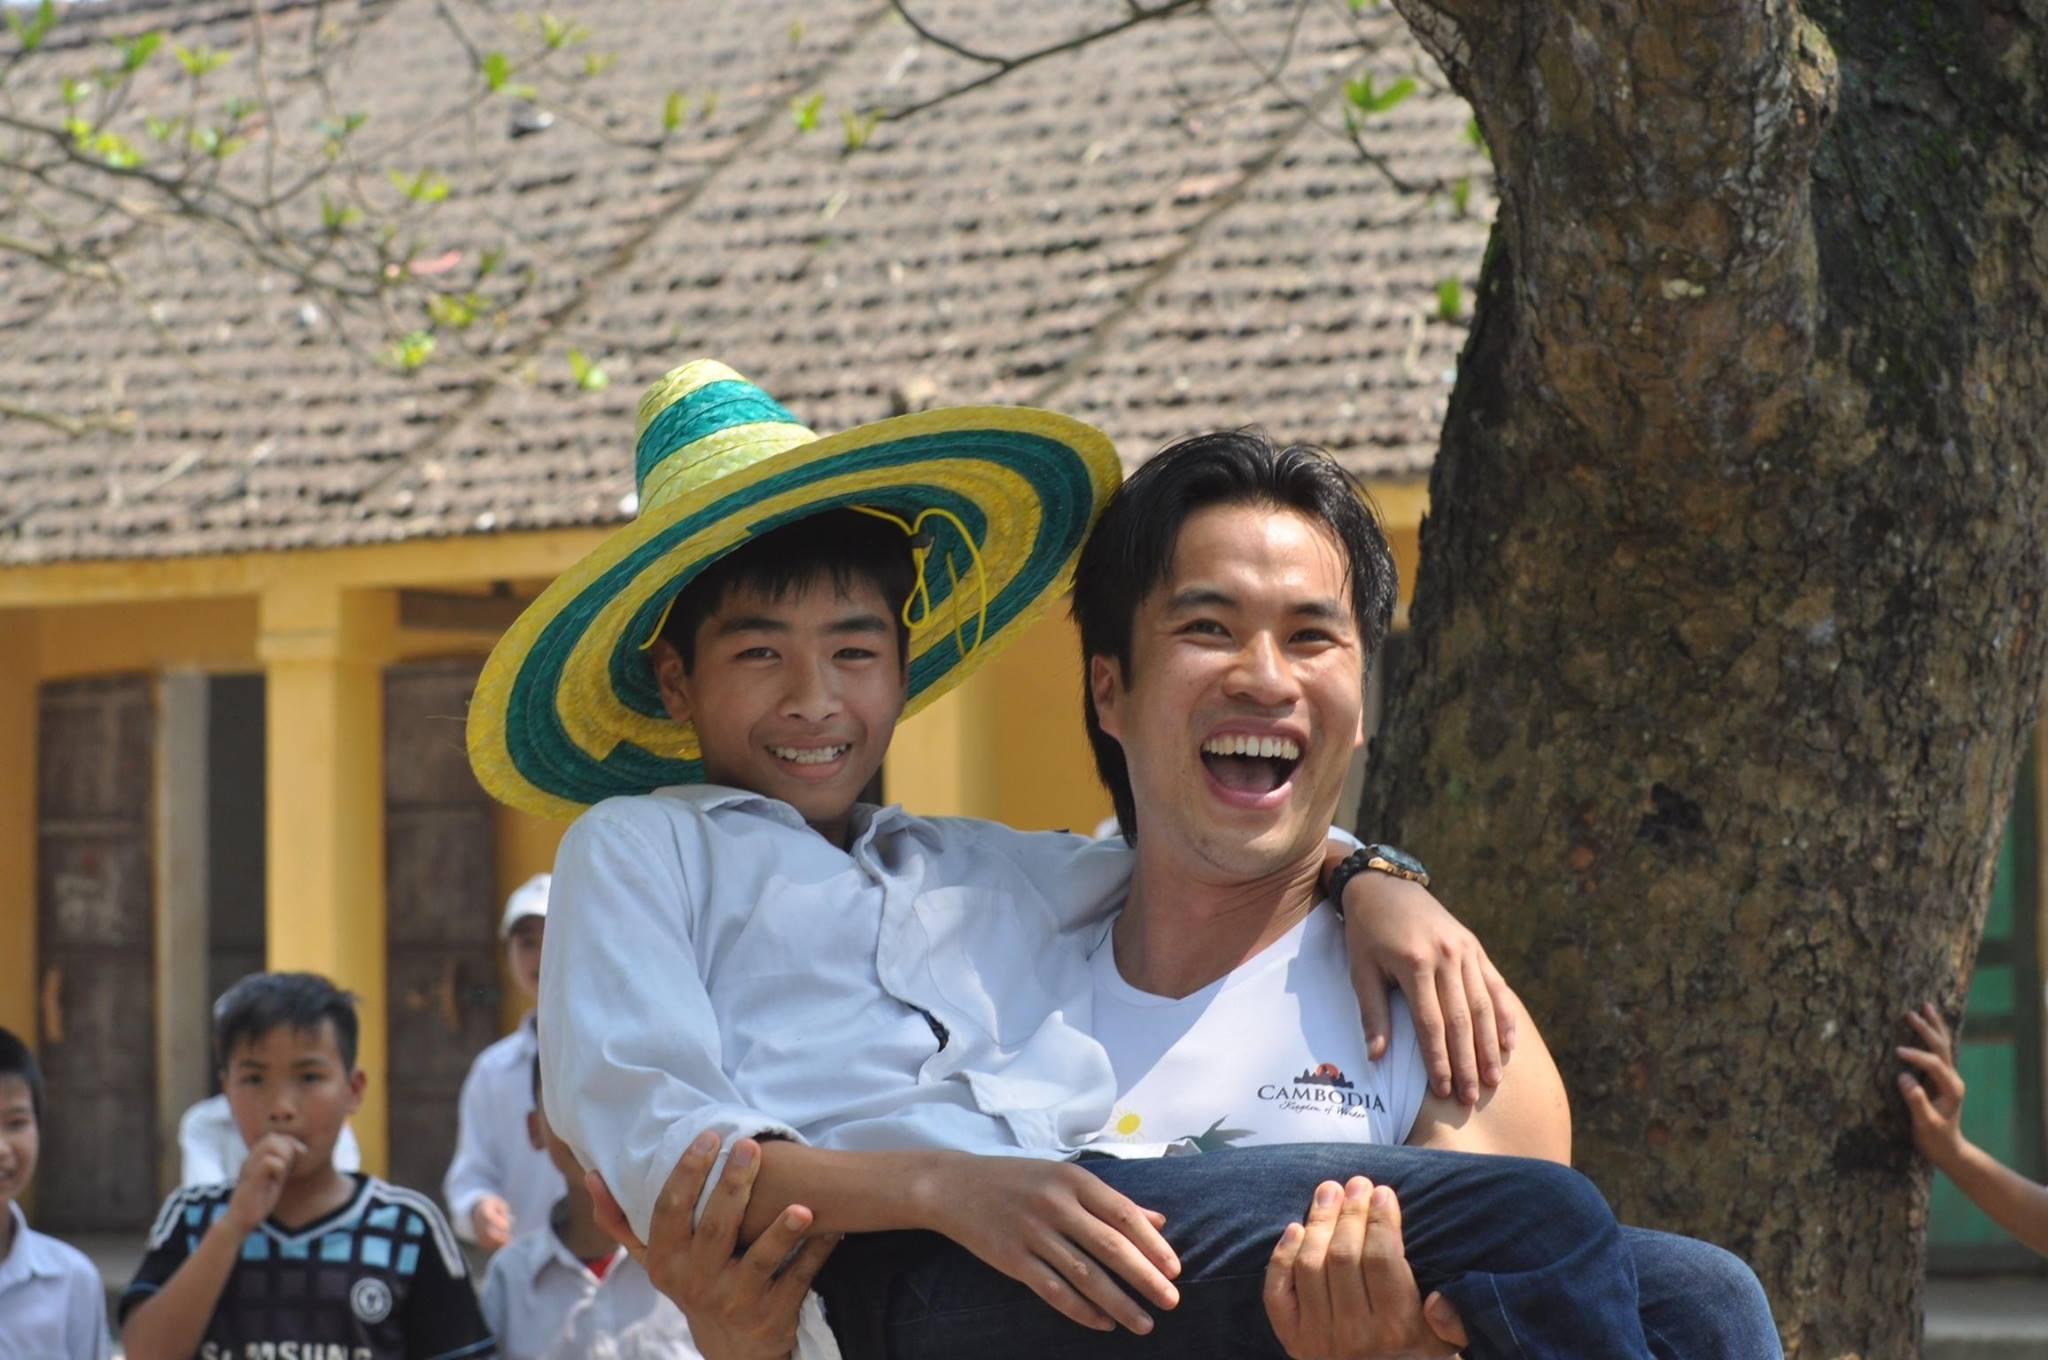 Tat Wa Lay今年在河內與越南的小朋友嬉戲。(Tat Wa Lay臉書)